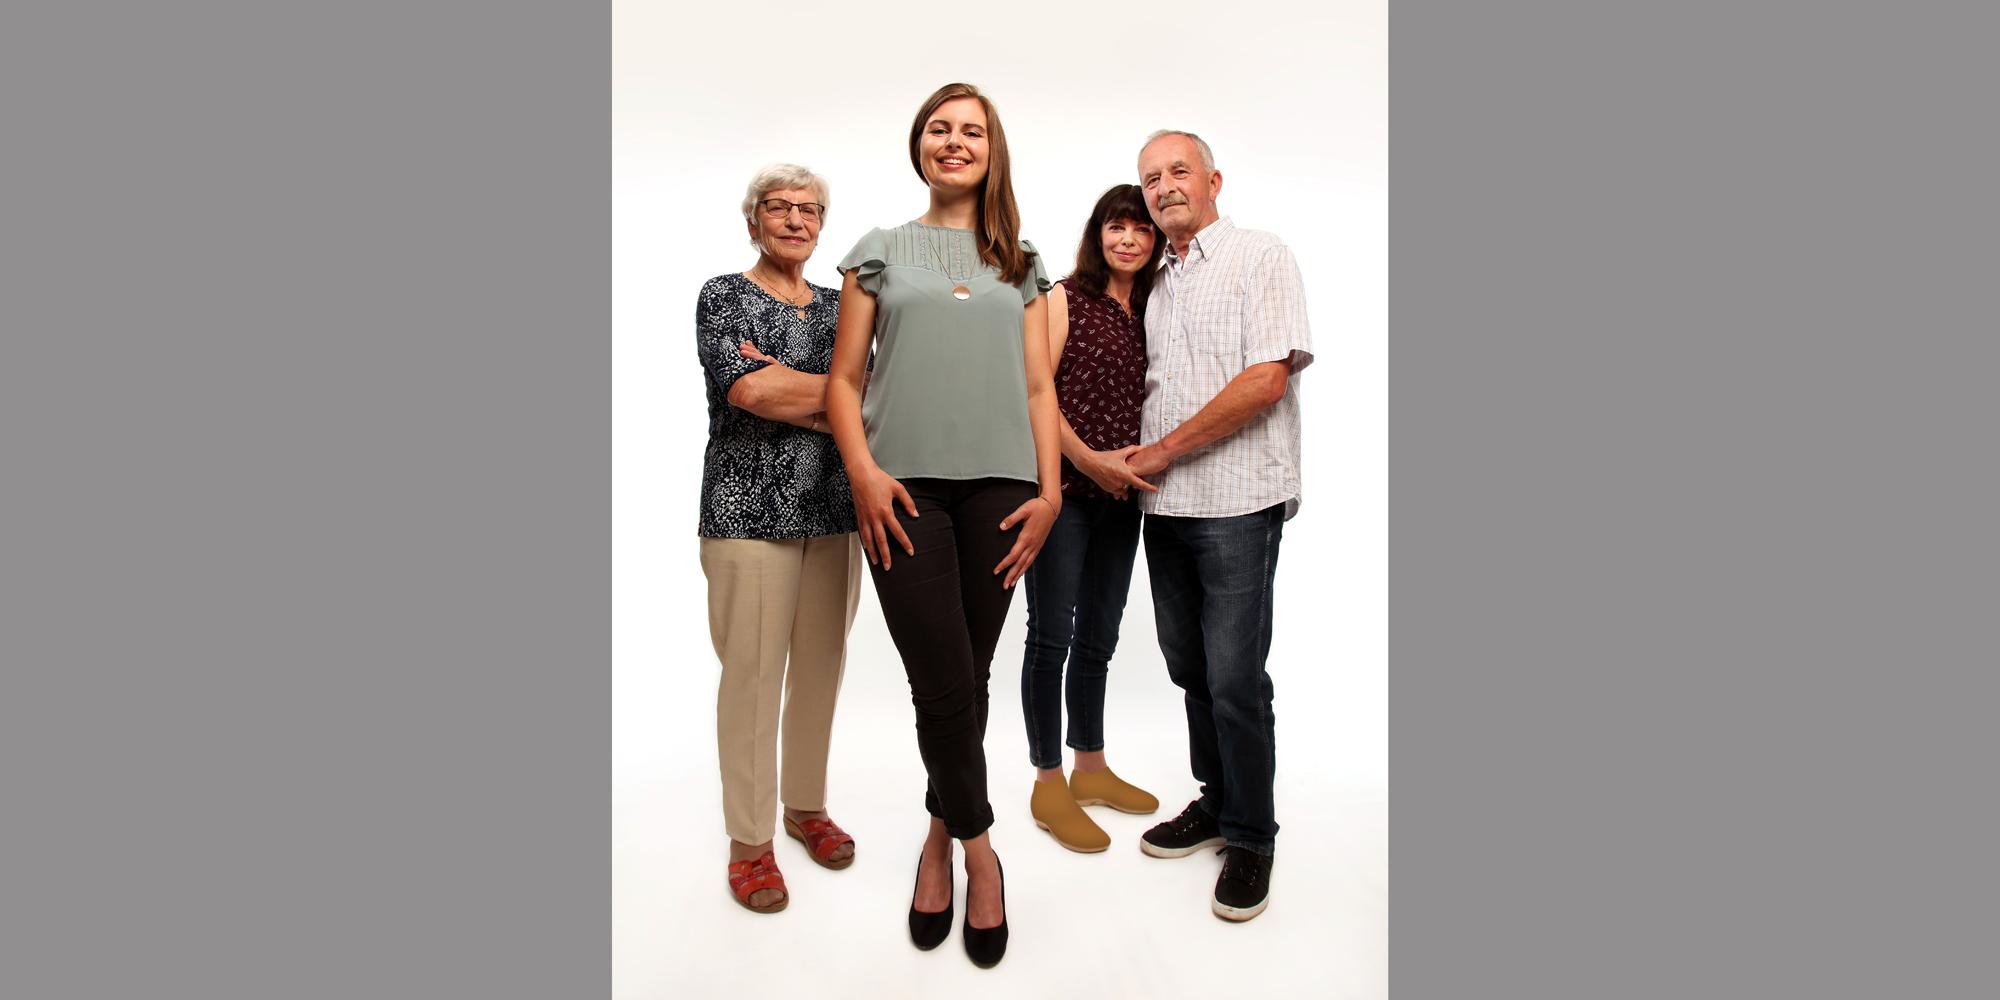 Ganzkörperportrait von einem älteren Mann, der eine Frau im Arm hält, einer älteren Frau, die ihre Arme vor der Brust verschränkt und einer jungen, selbstbewusst lächelnden Frau, die mit überkreuzten Beinen im Vordergrund für Familienfoto posiert.